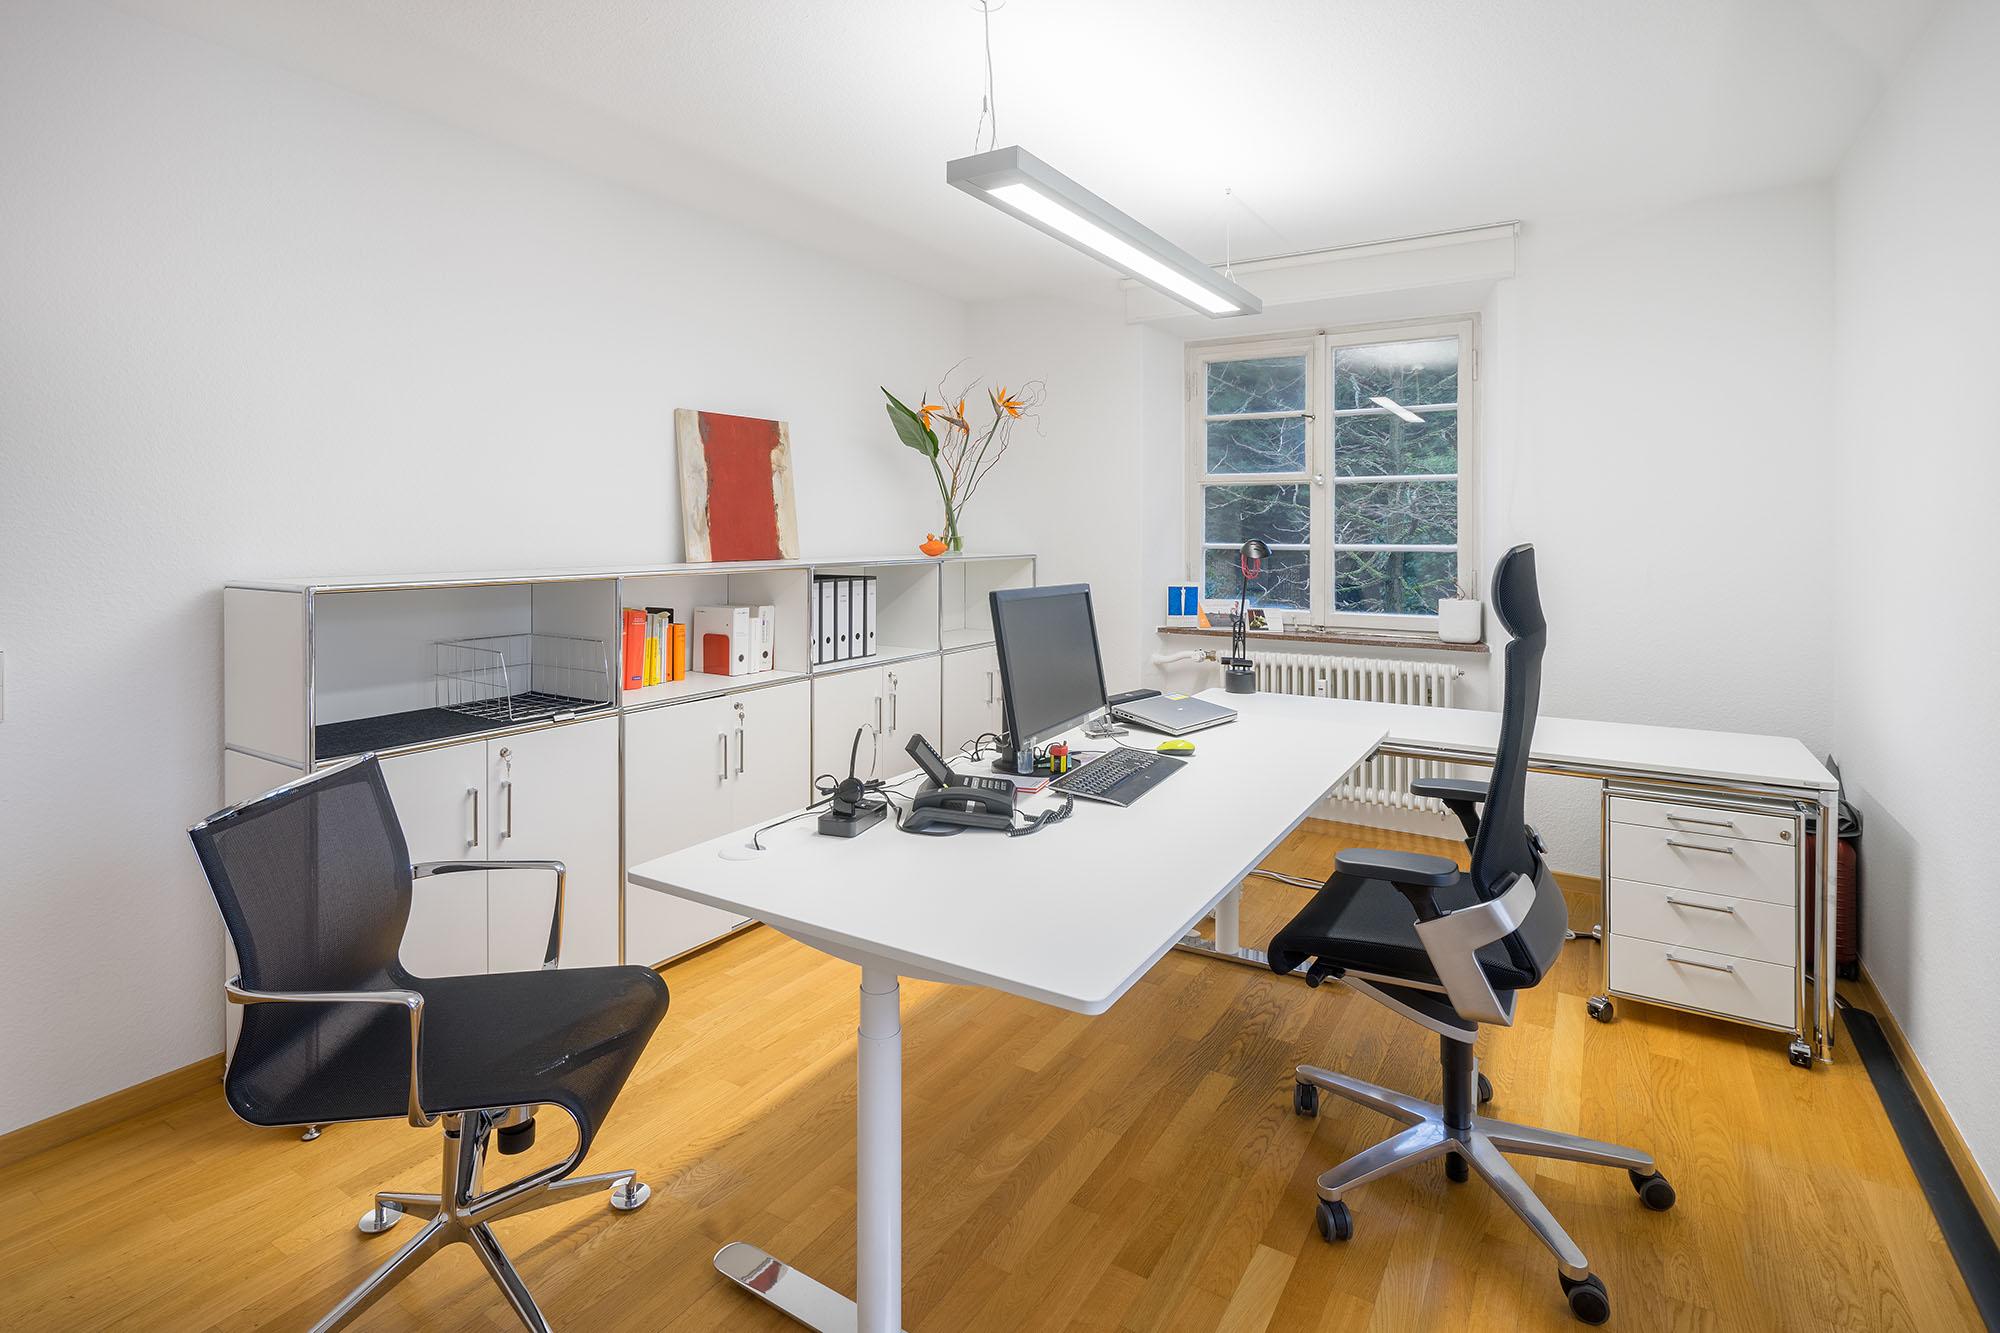 Büroarbeitsplatz mit Bosse